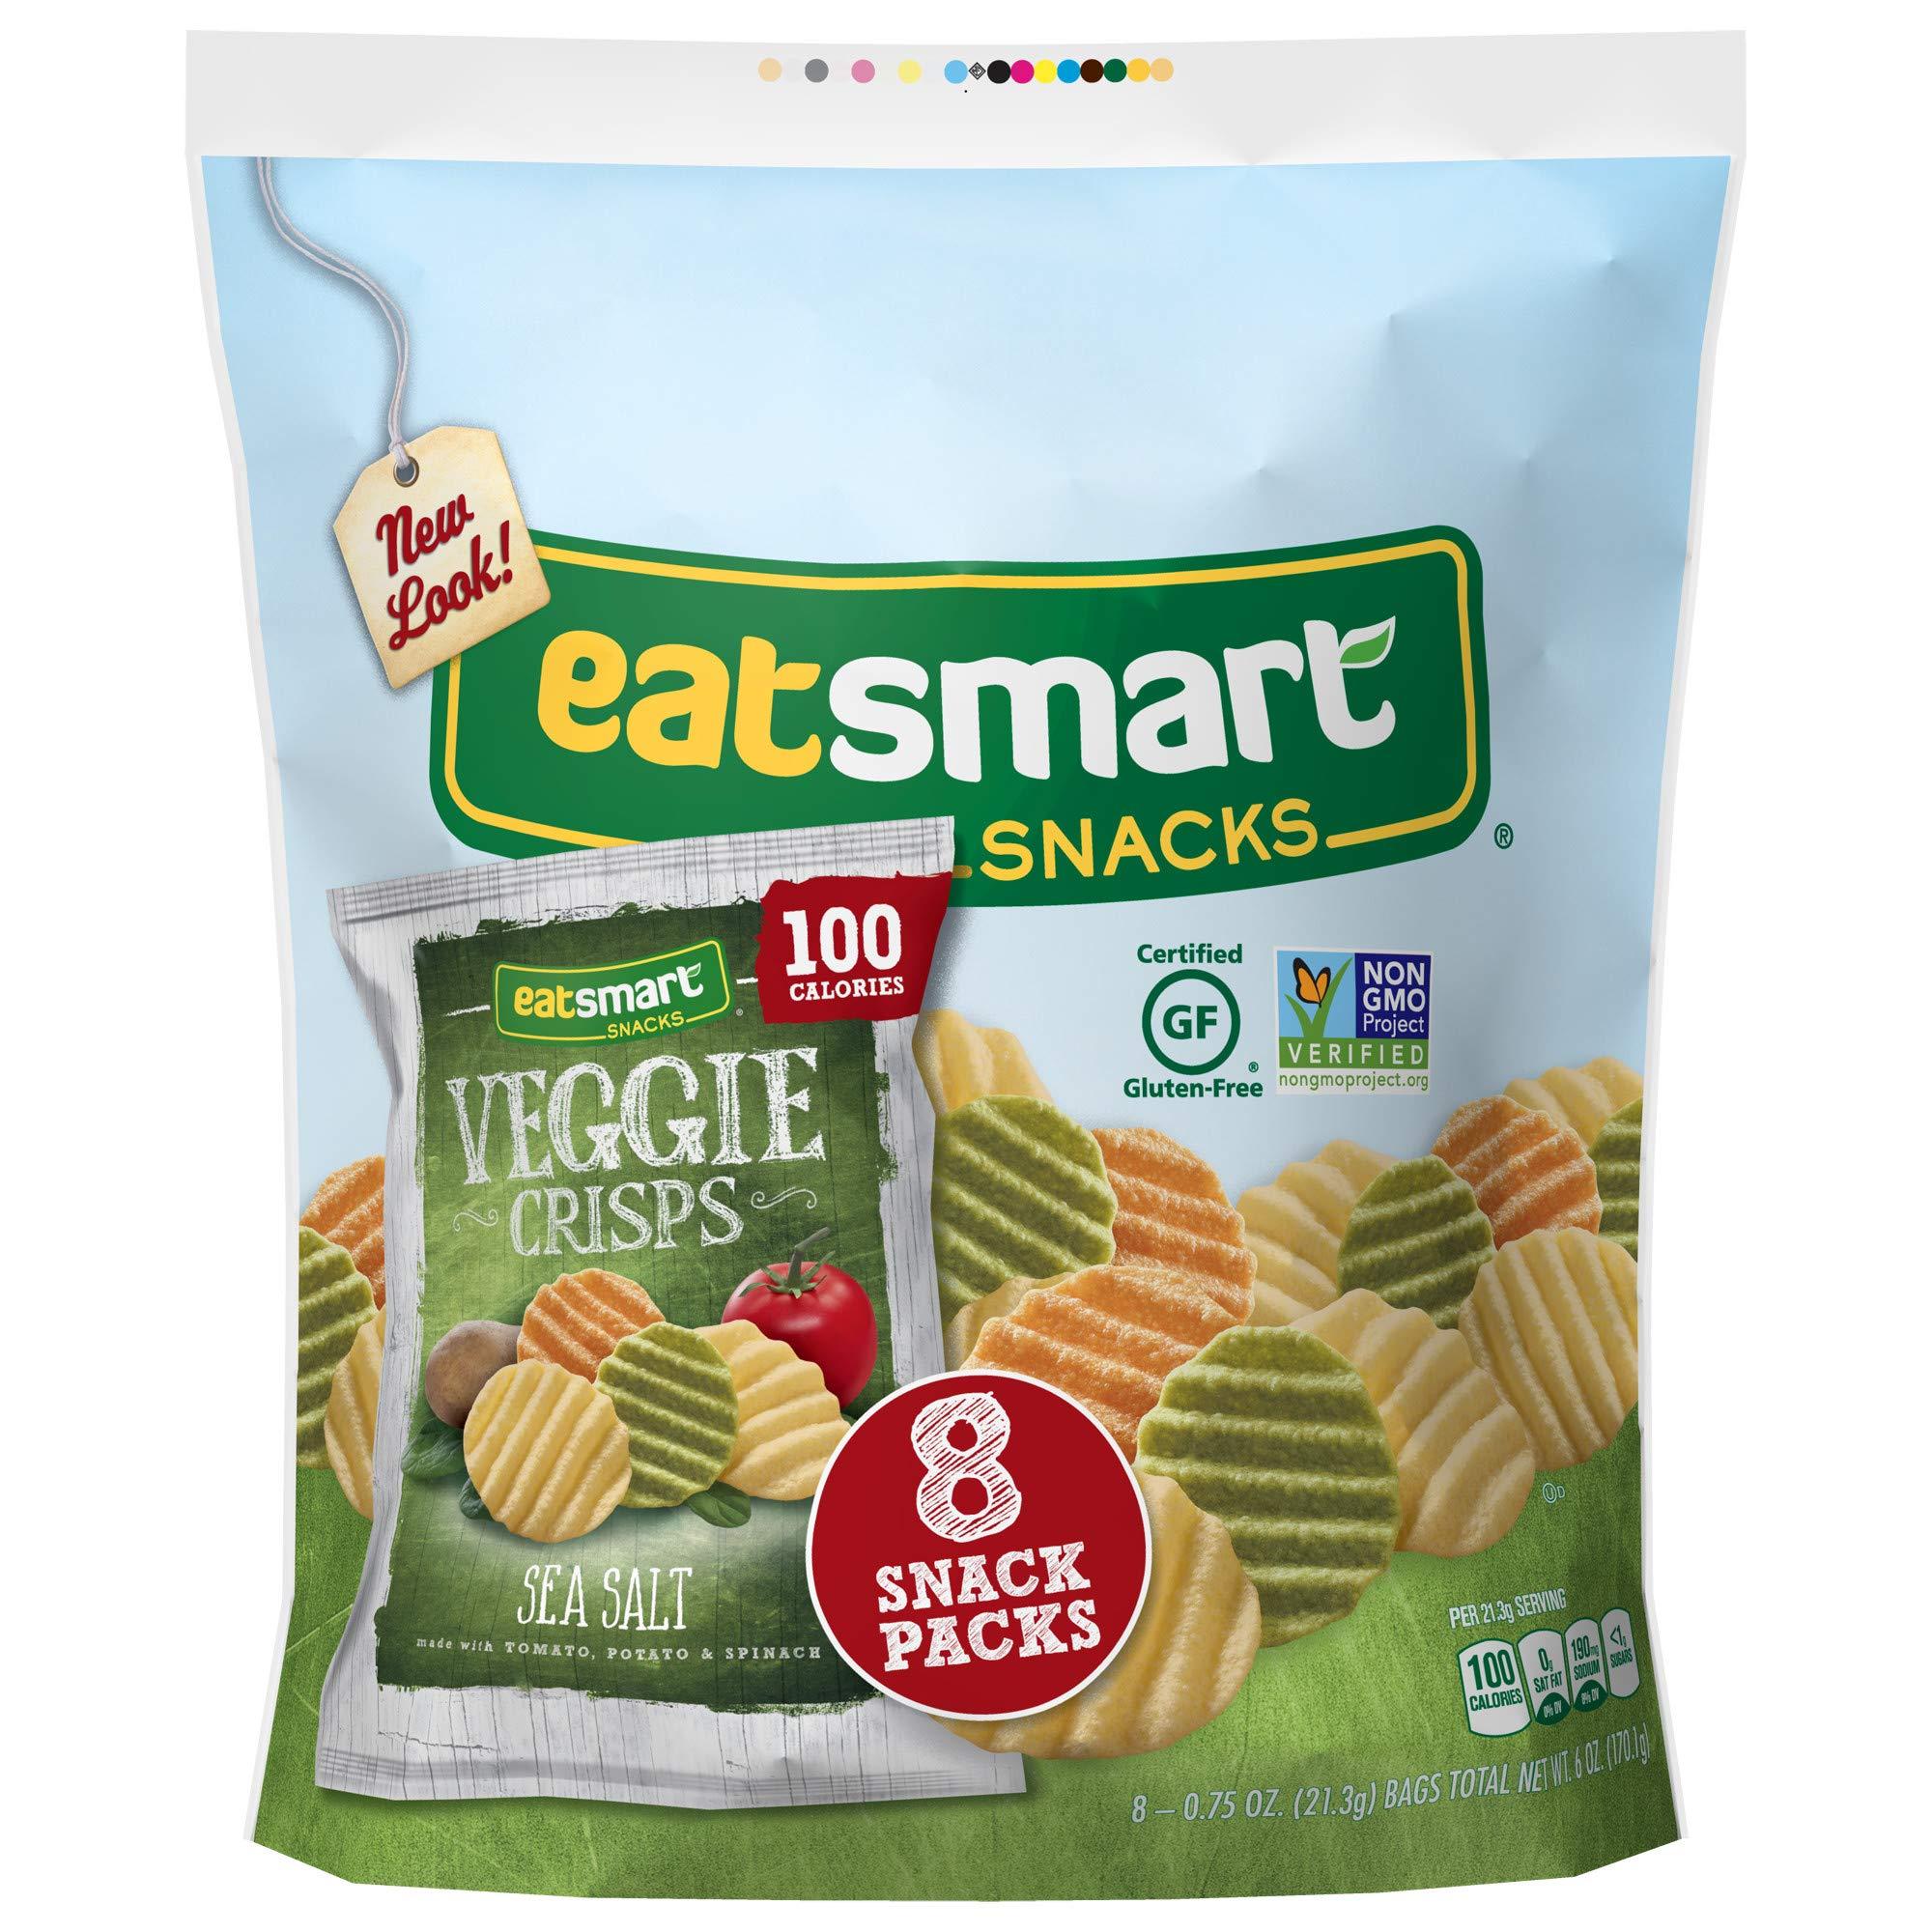 Eatsmart Snacks Veggie Crisps, 100 Calorie Multipack, Sea Salt, 8 Count (Pack of 6) by Eatsmart Snacks